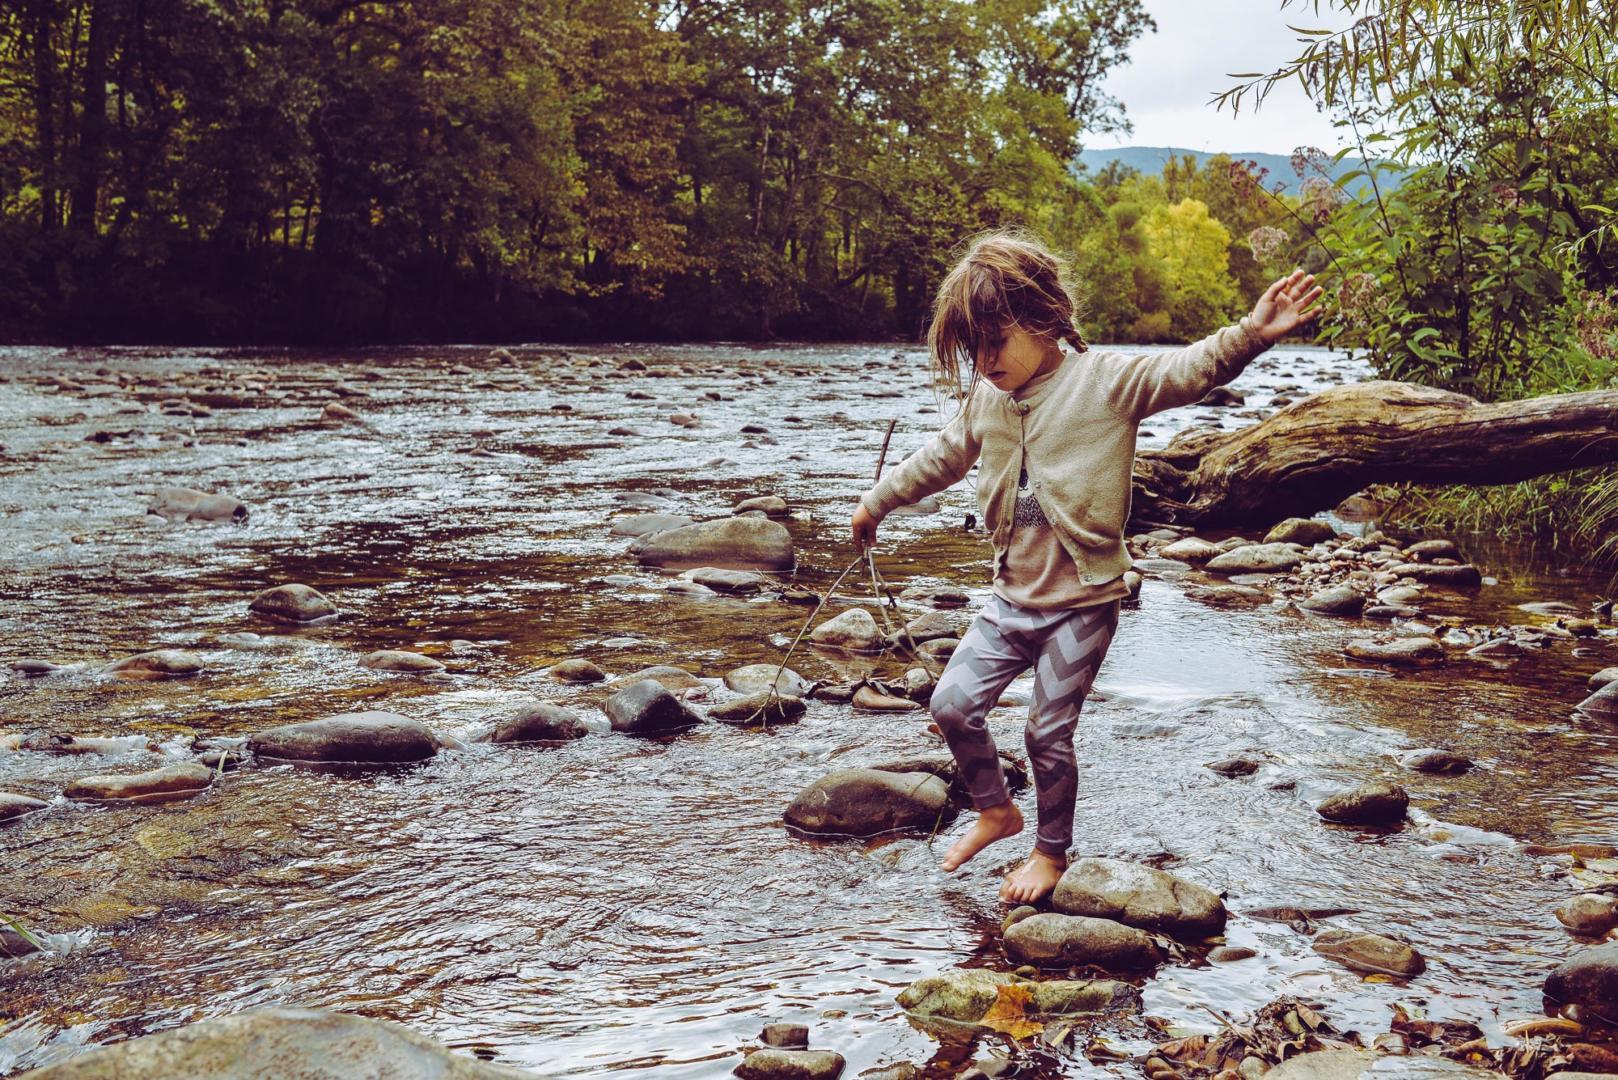 Mädchen balanciert auf Steinen an einem Bach